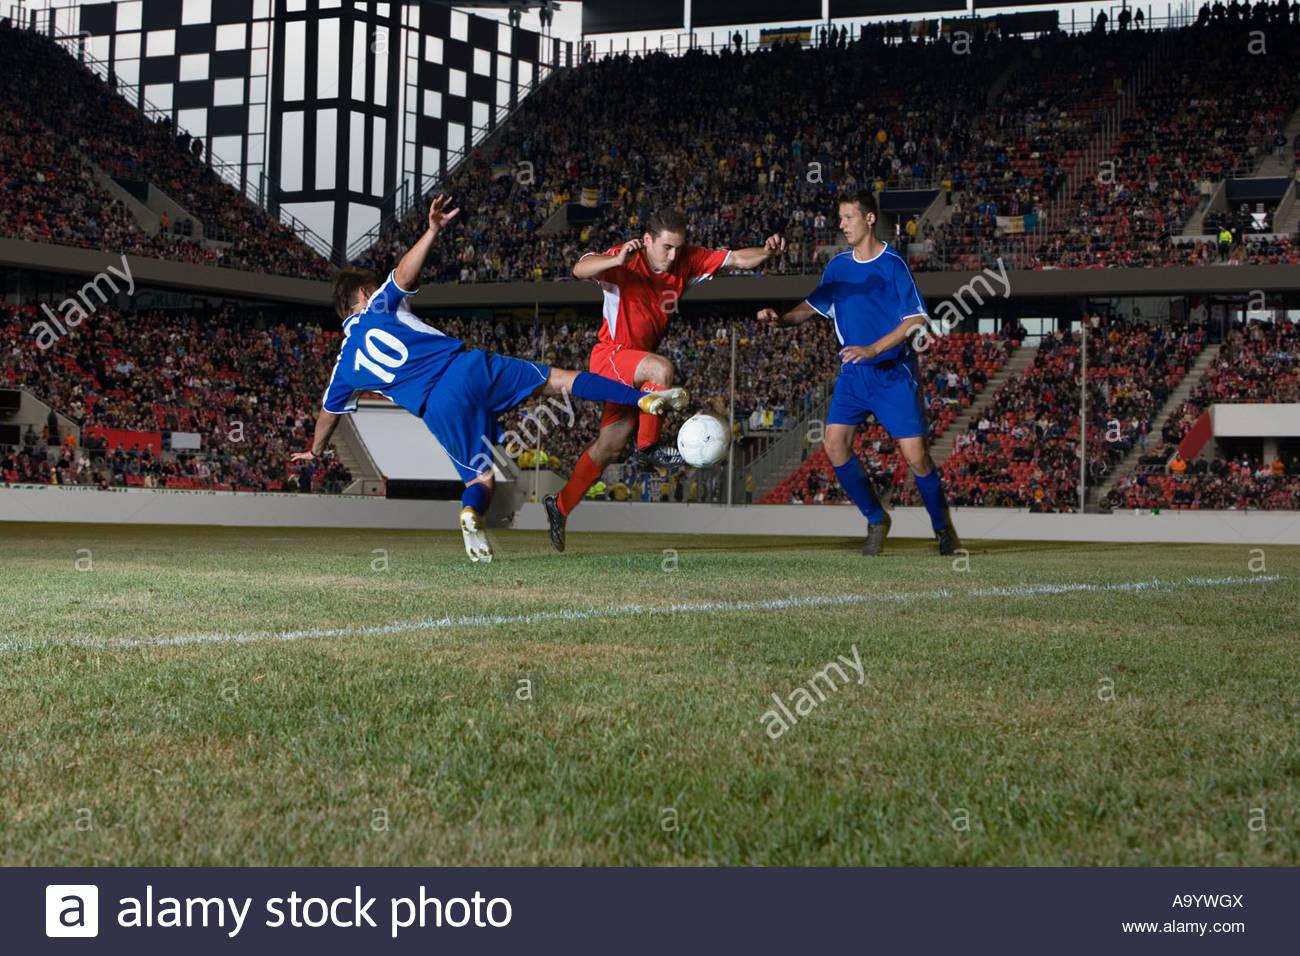 Gegenüber Spielern, die Bekämpfung der Fußballer Stockbild